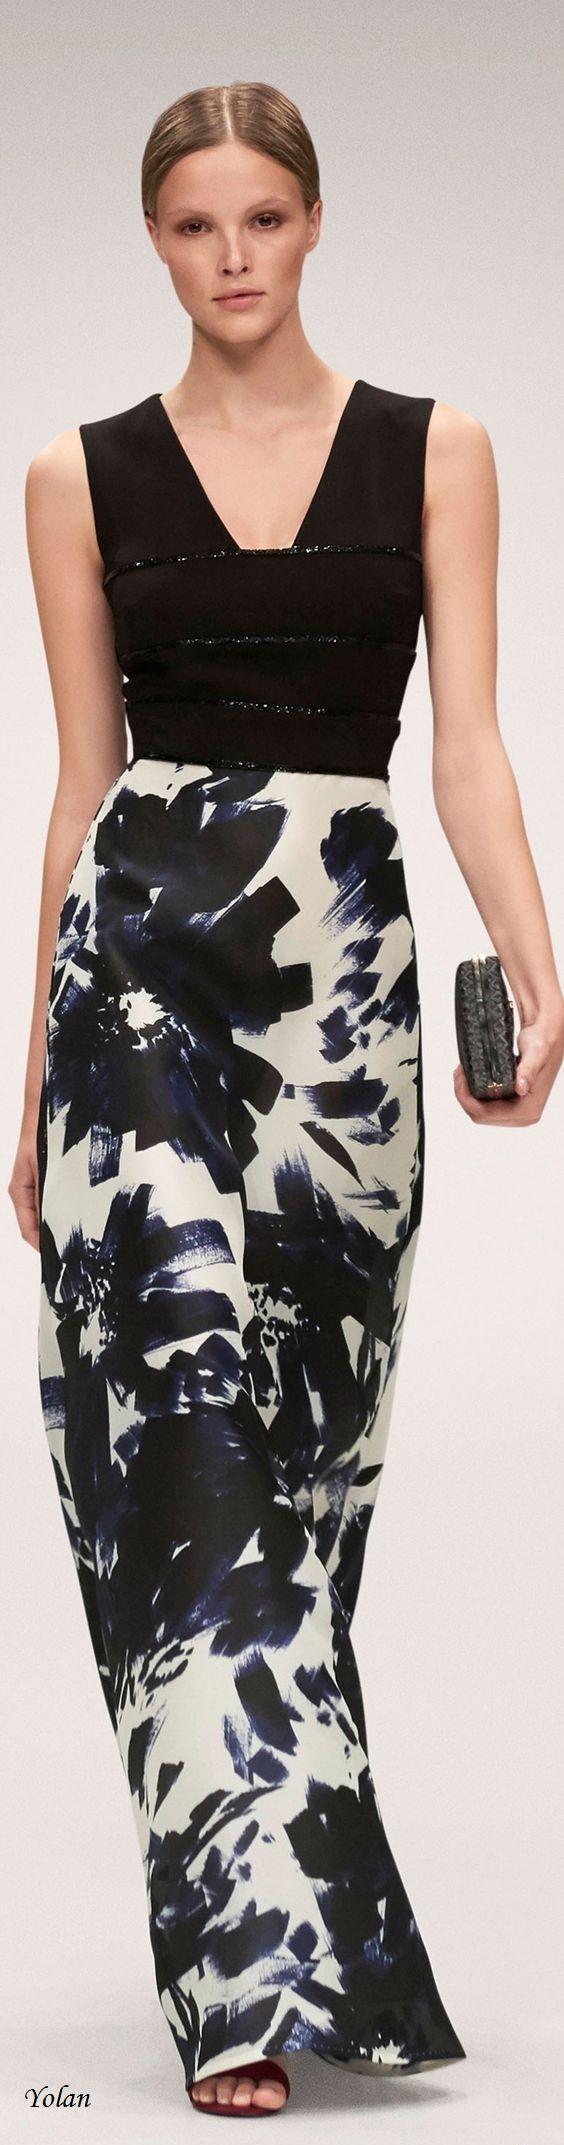 178 best FASHION | Elegant images on Pinterest | Feminine fashion ...